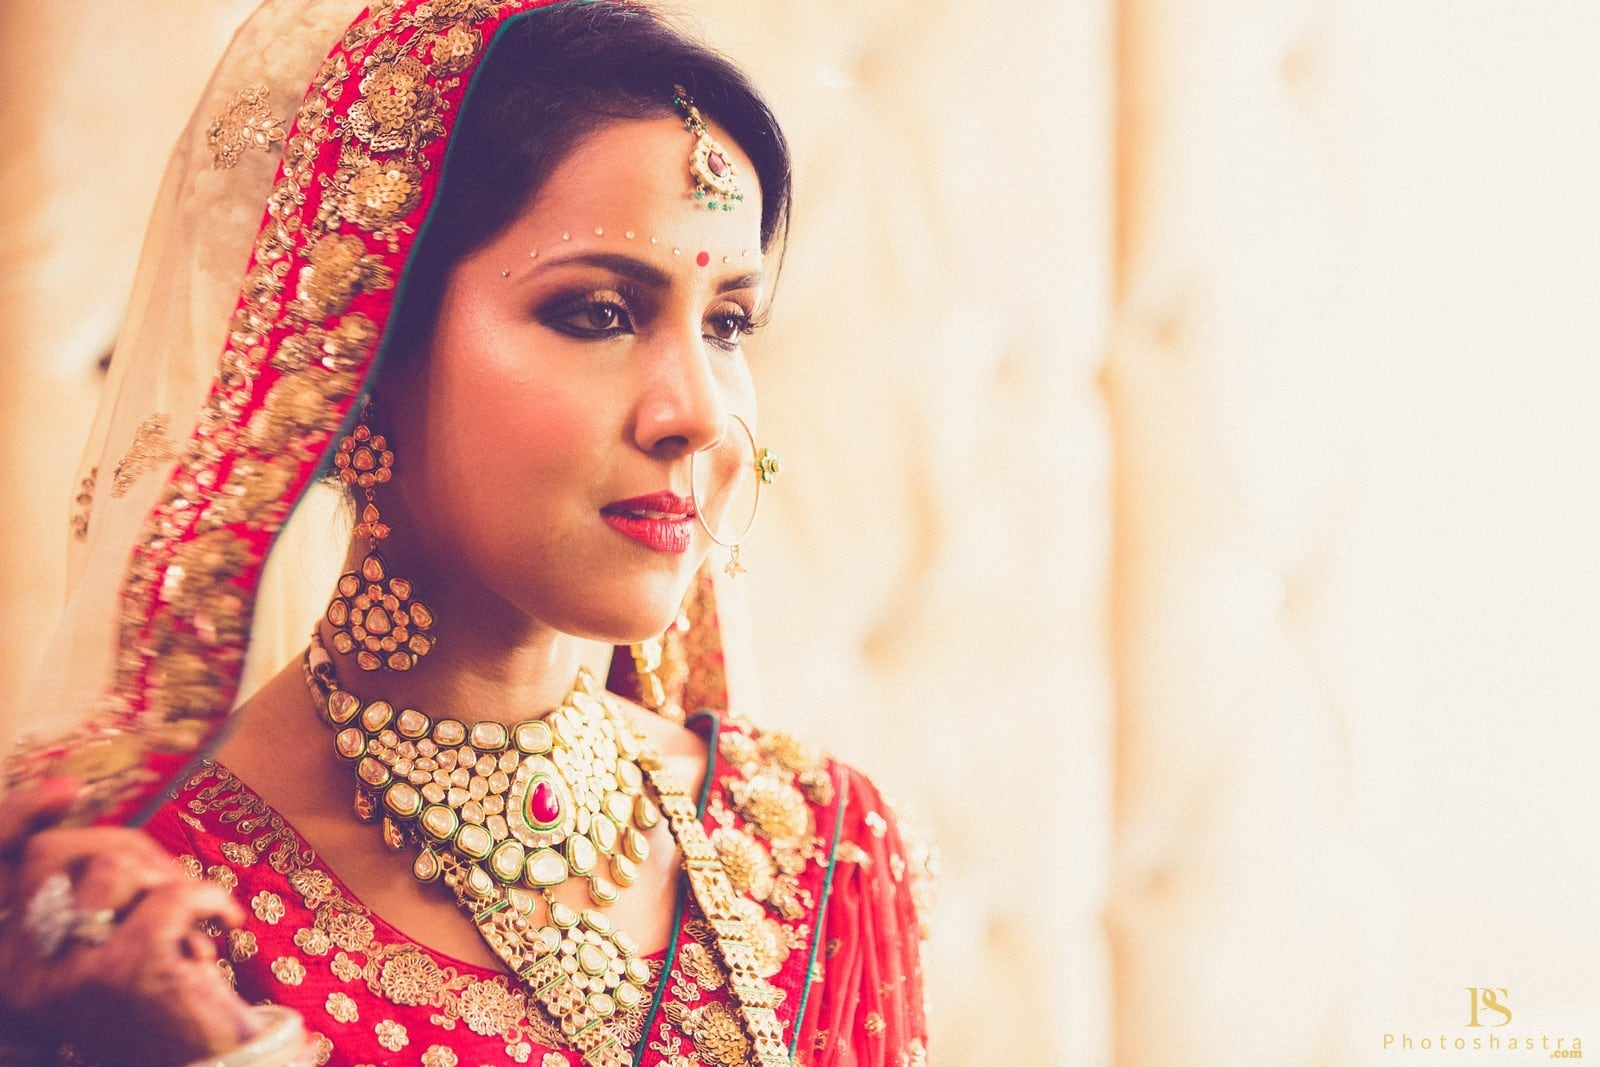 beautiful bridal photography:photoshastra